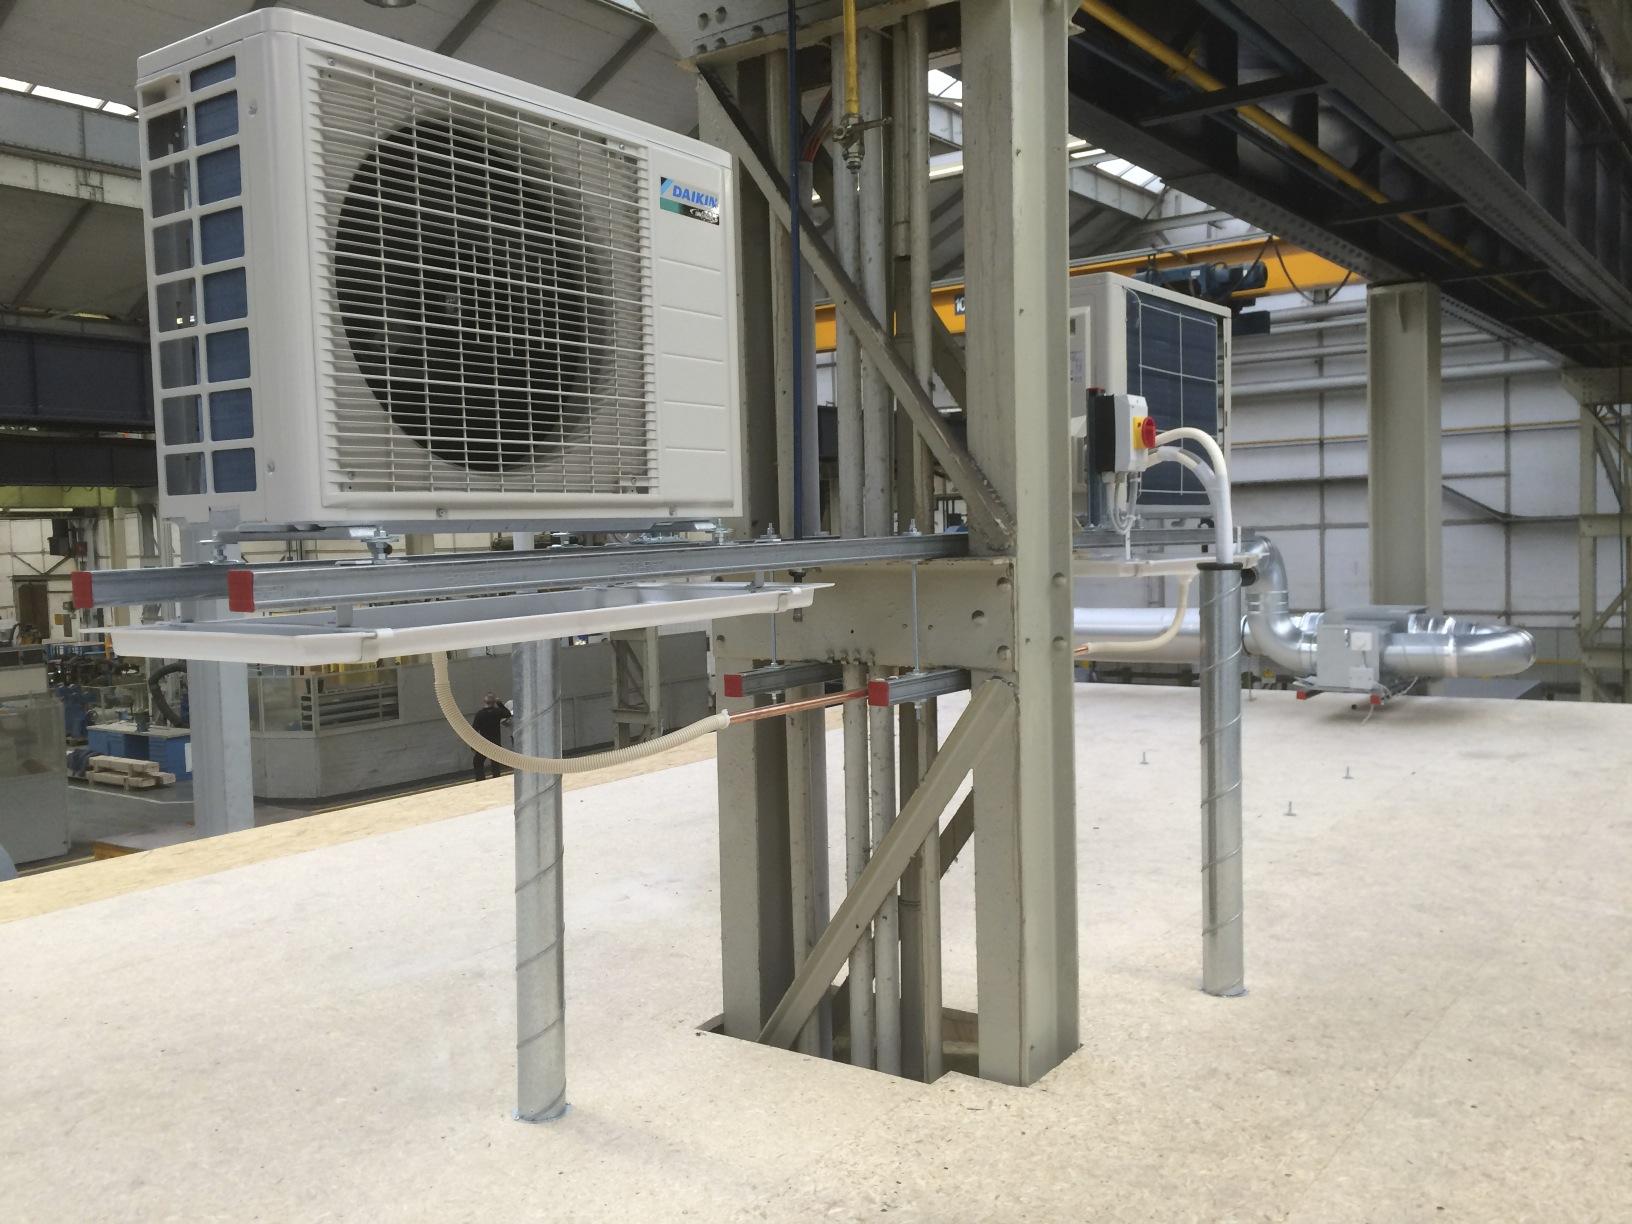 Split-Außengeräte in einer Werkhalle